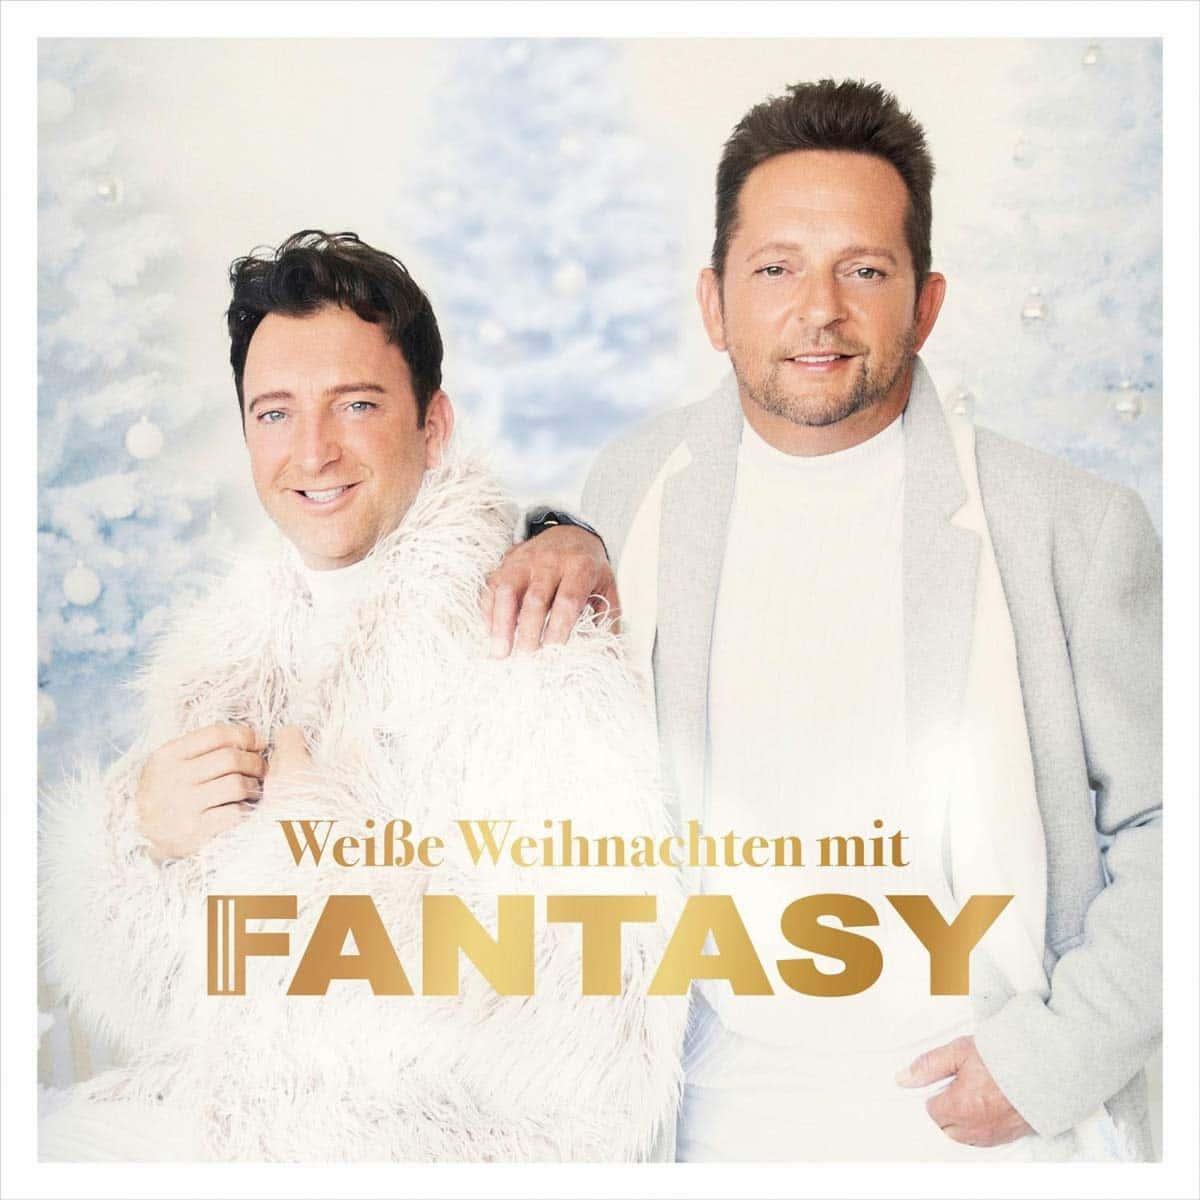 Weiße Weihnachten mit Fantasy, neue Weihnachts-CD 2020 des Schlager-Duos